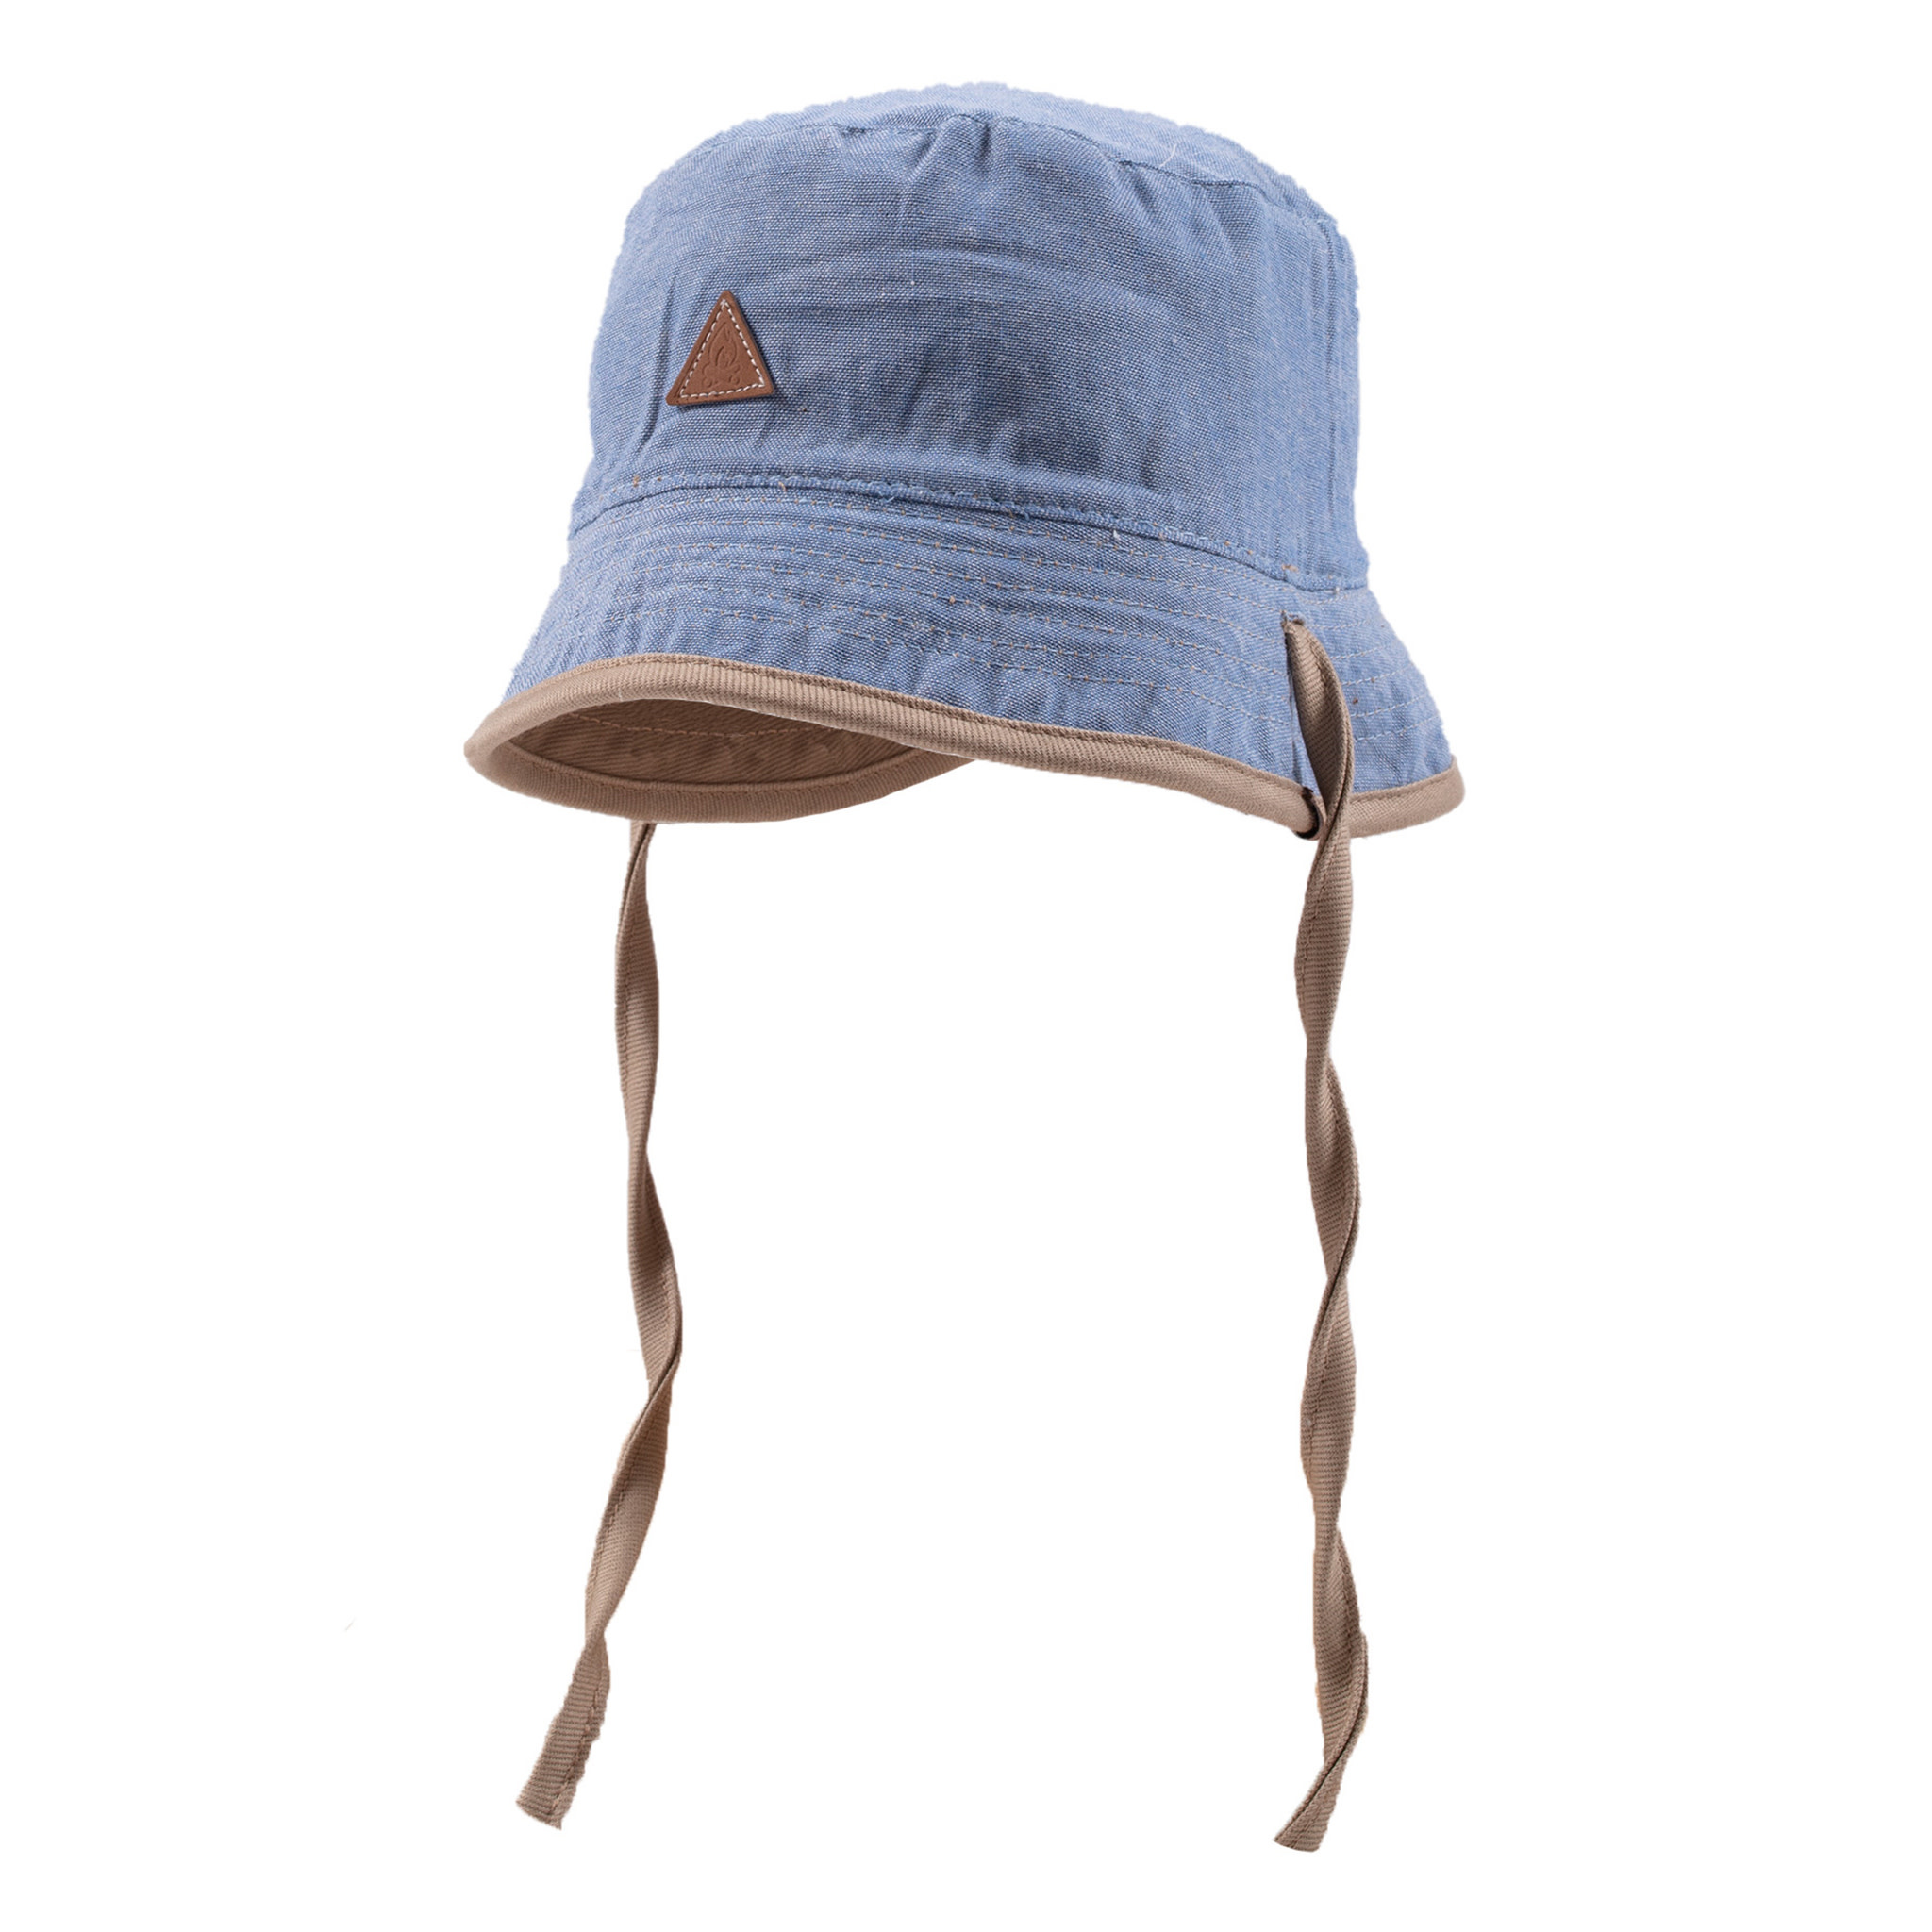 Chapeau réversible - Lâcher prise-2